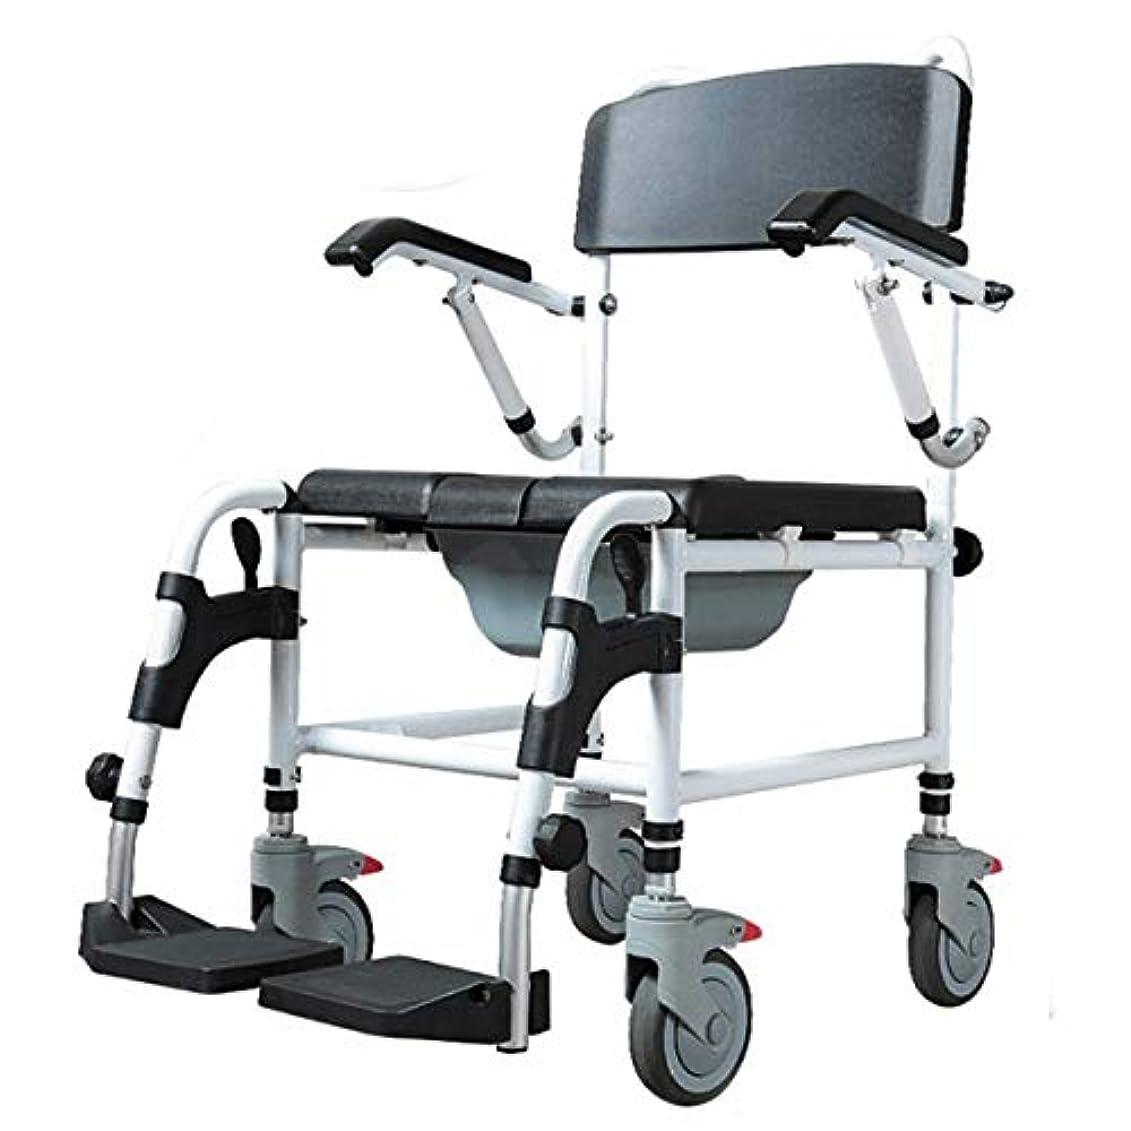 友だち上に築きますおびえた高さ調節可能な車椅子、折りたたみ式シャワー便器椅子、可動式トイレ無効便座、快適で丈夫、ハンドブレーキとペダル/黒